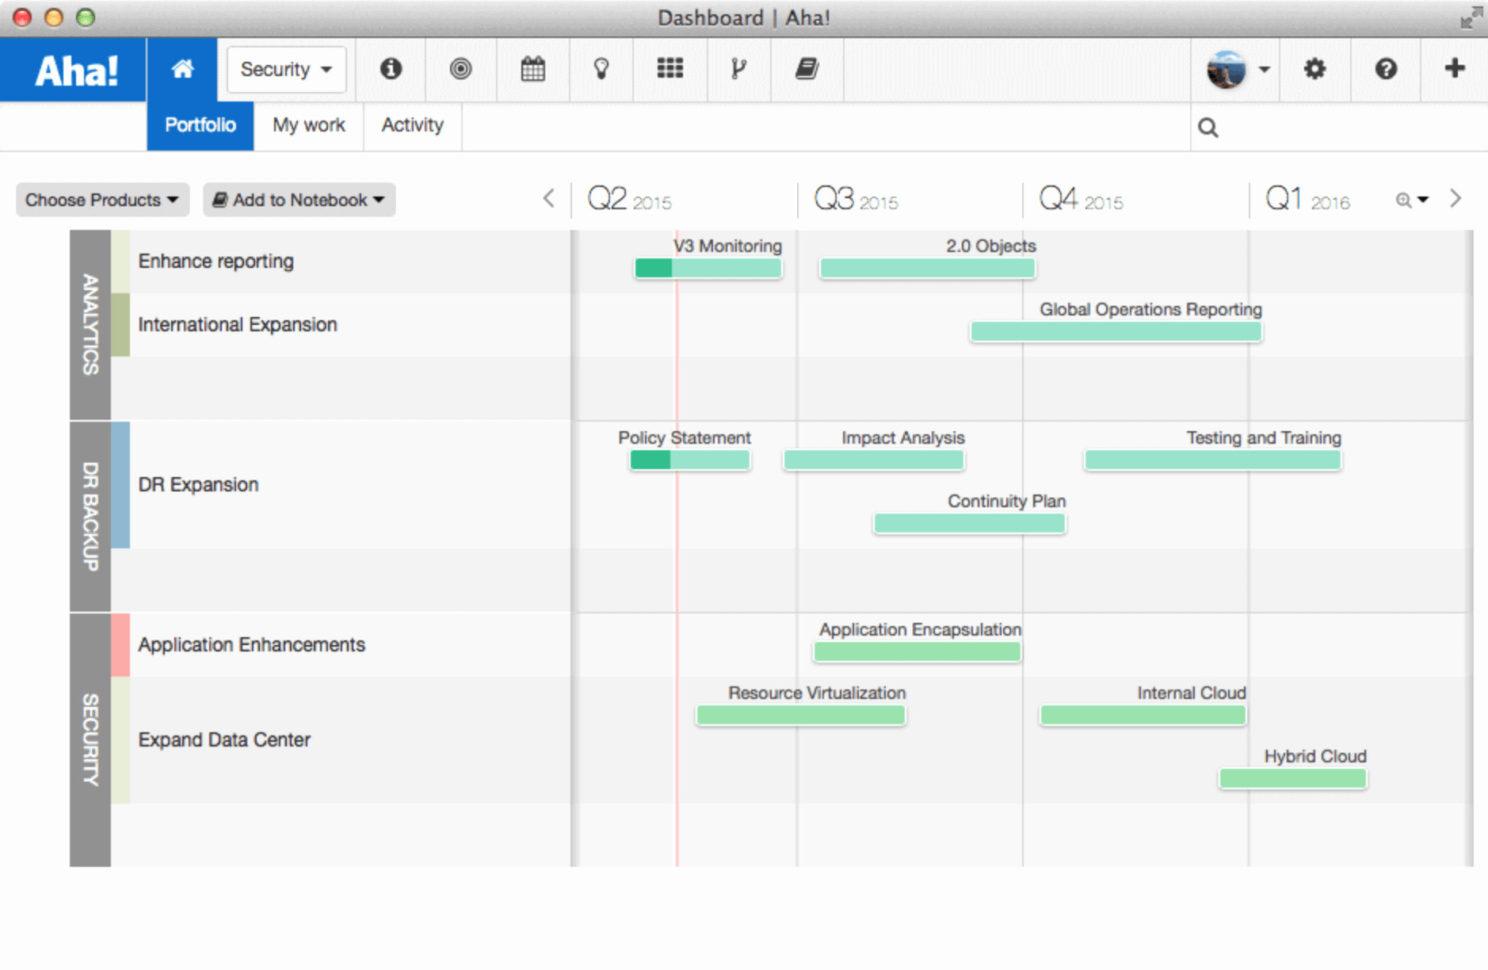 Share Spreadsheet Online Free Regarding Share A Spreadsheet Online For Able Exceleet For Tracking Tasks D